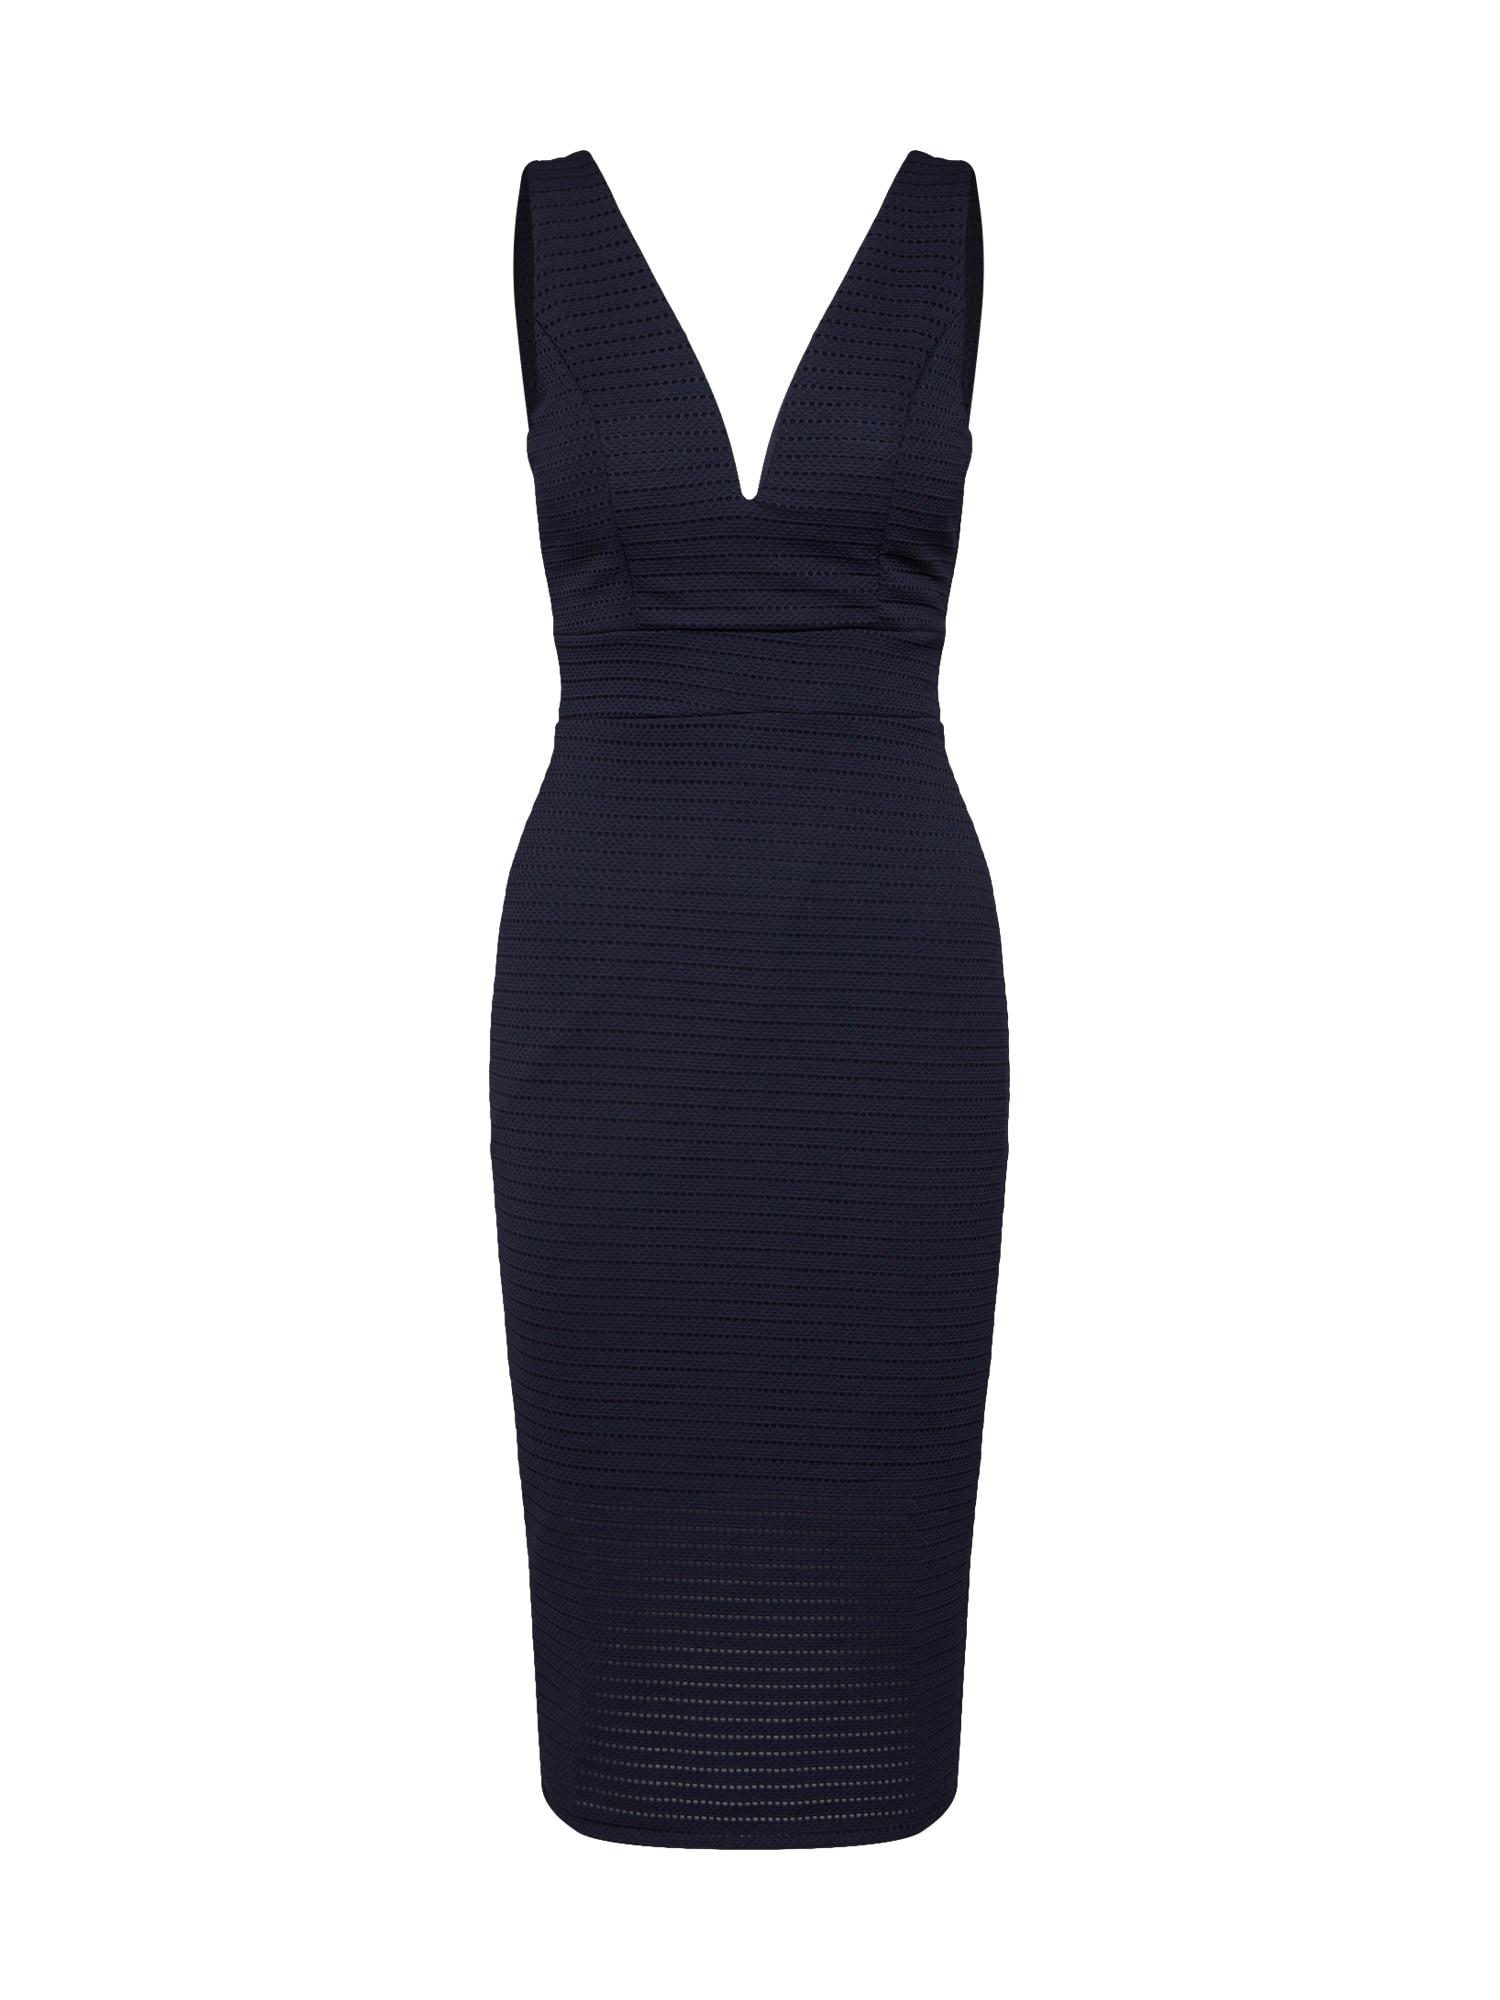 Koktejlové šaty WG 7264 námořnická modř WAL G.